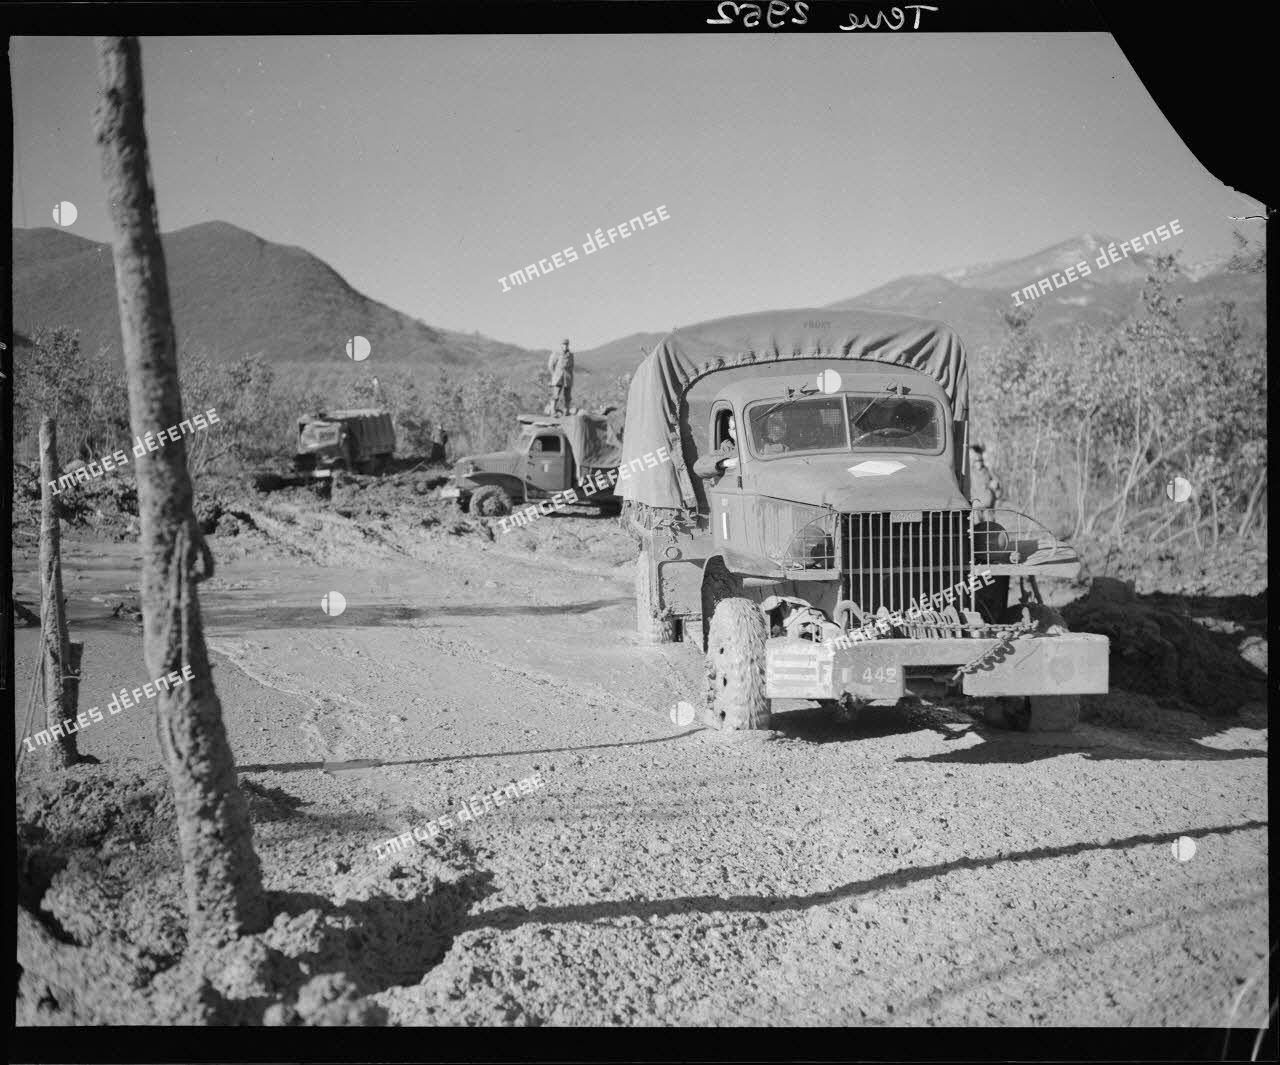 Des camions GMC de la compagnie de canons d'infanterie du 5e régiment de tirailleurs marocains (RTM) de la 2e division d'infanterie marocaine (DIM) progressent dans la boue à Montaquila pour ravitailler les premières lignes.